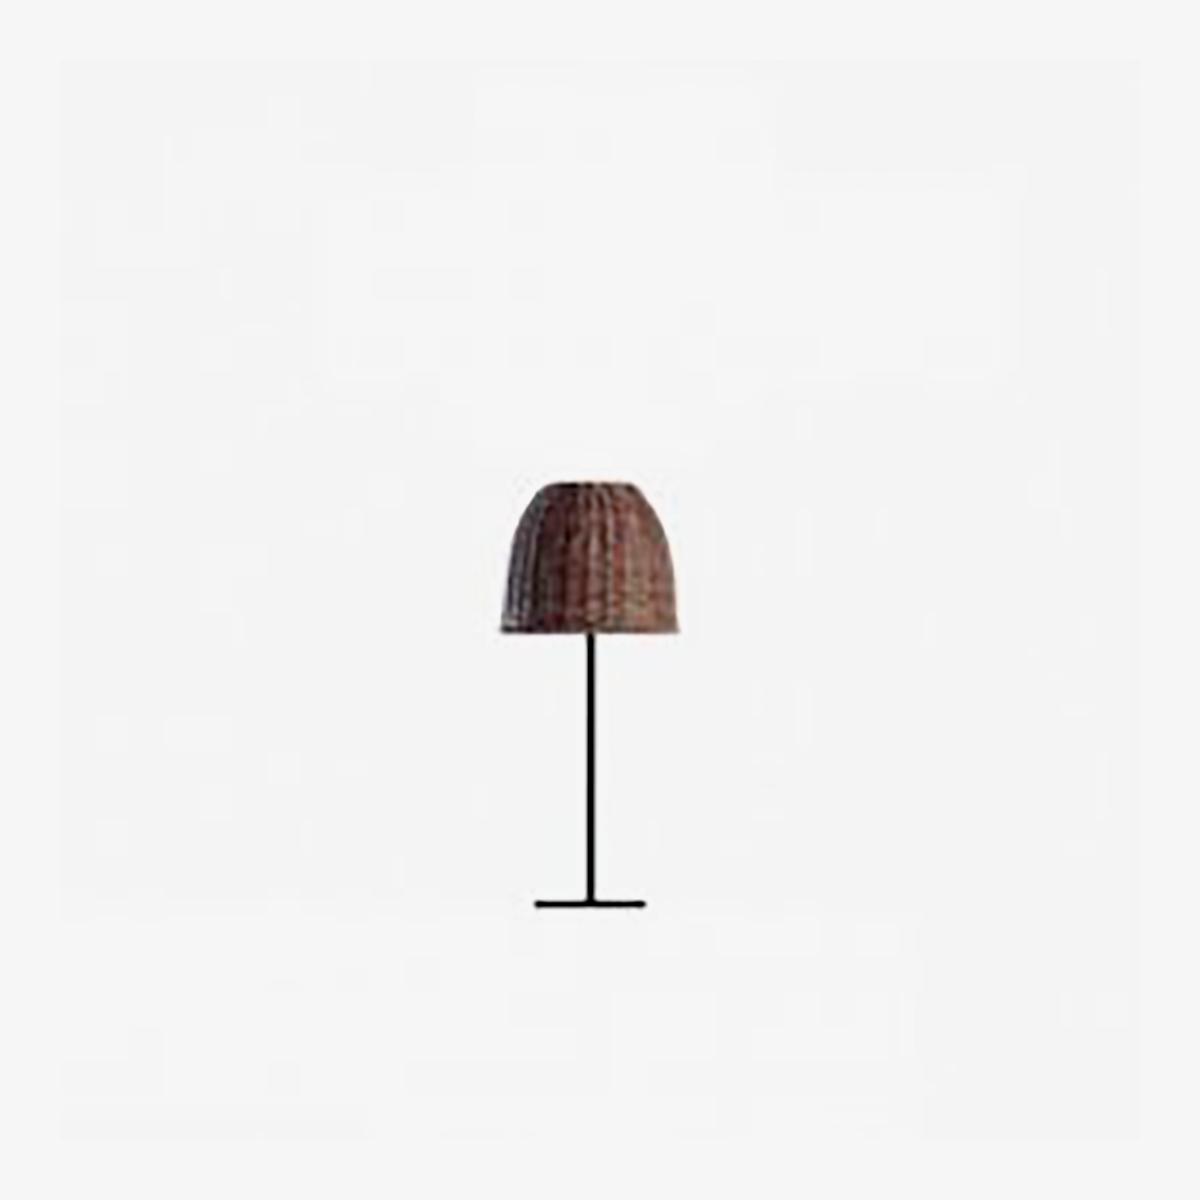 Lámpara de pie Atticus B/56 marrón Bover-0